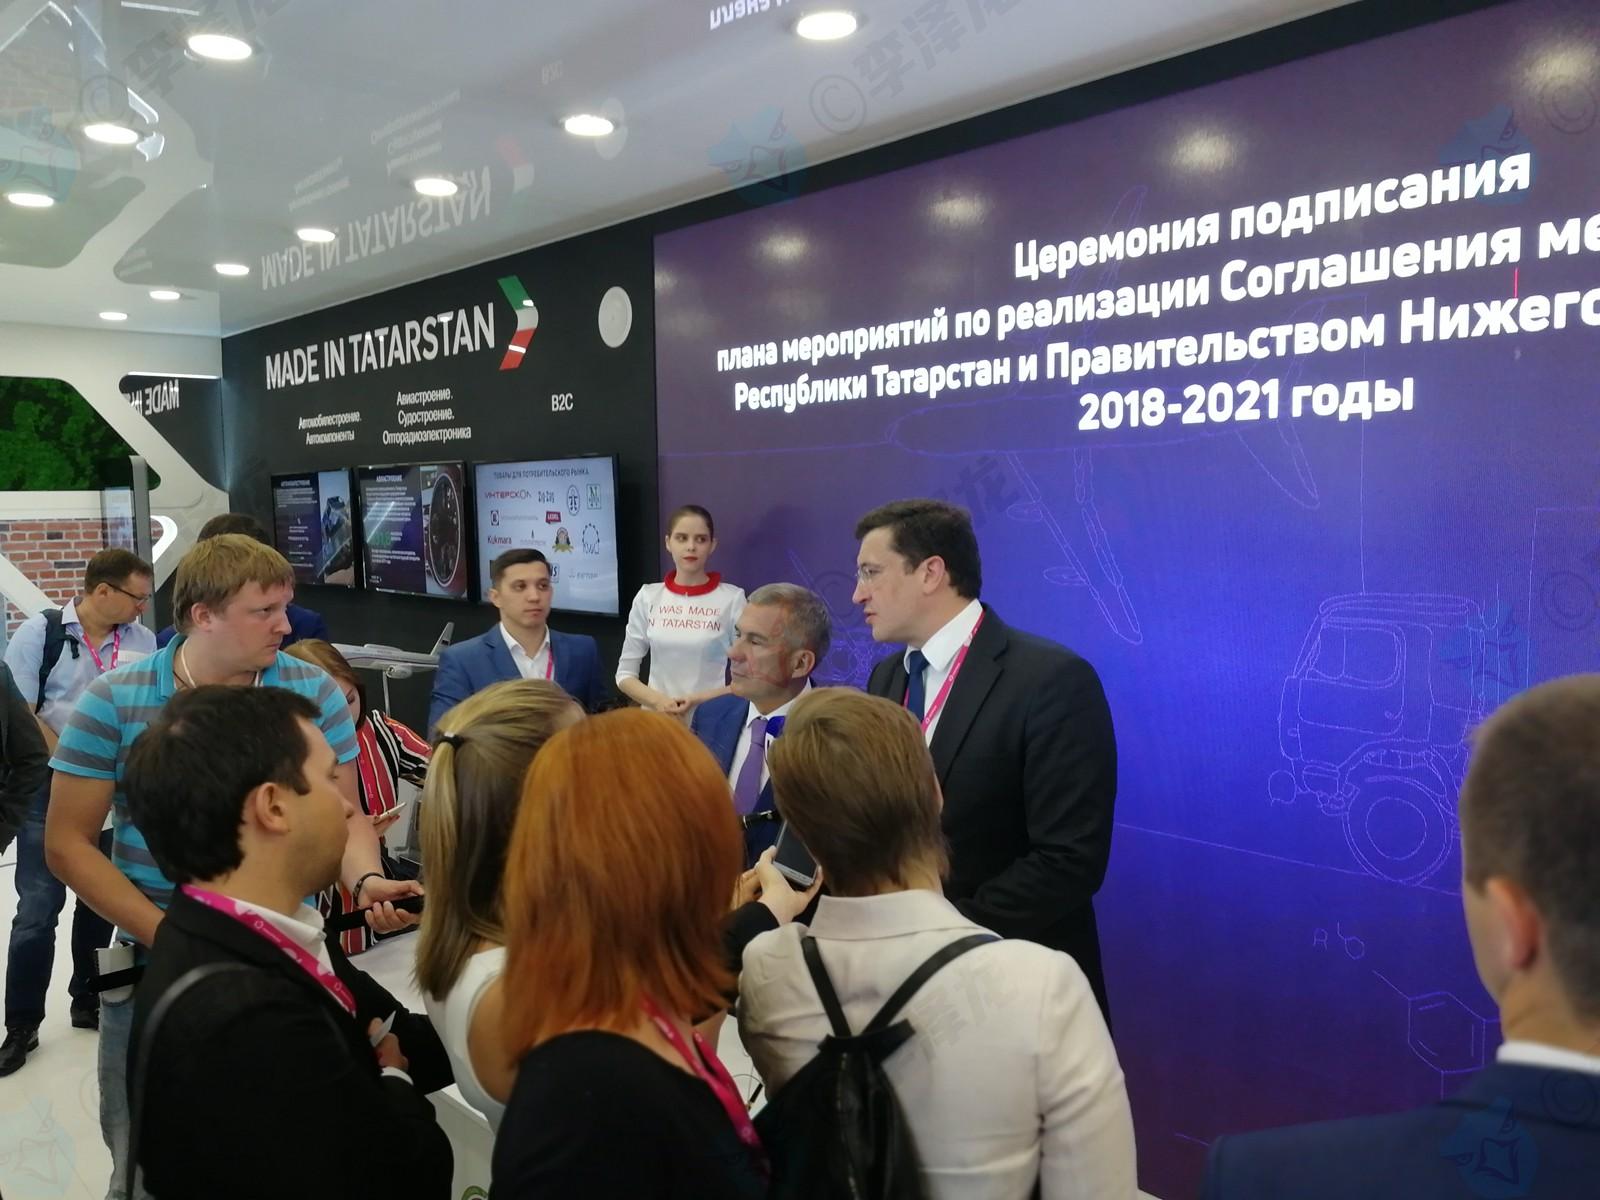 参加俄罗斯工业博览会(俄罗斯创新工业展)是什么体验?插图21-小狮座俄罗斯留学